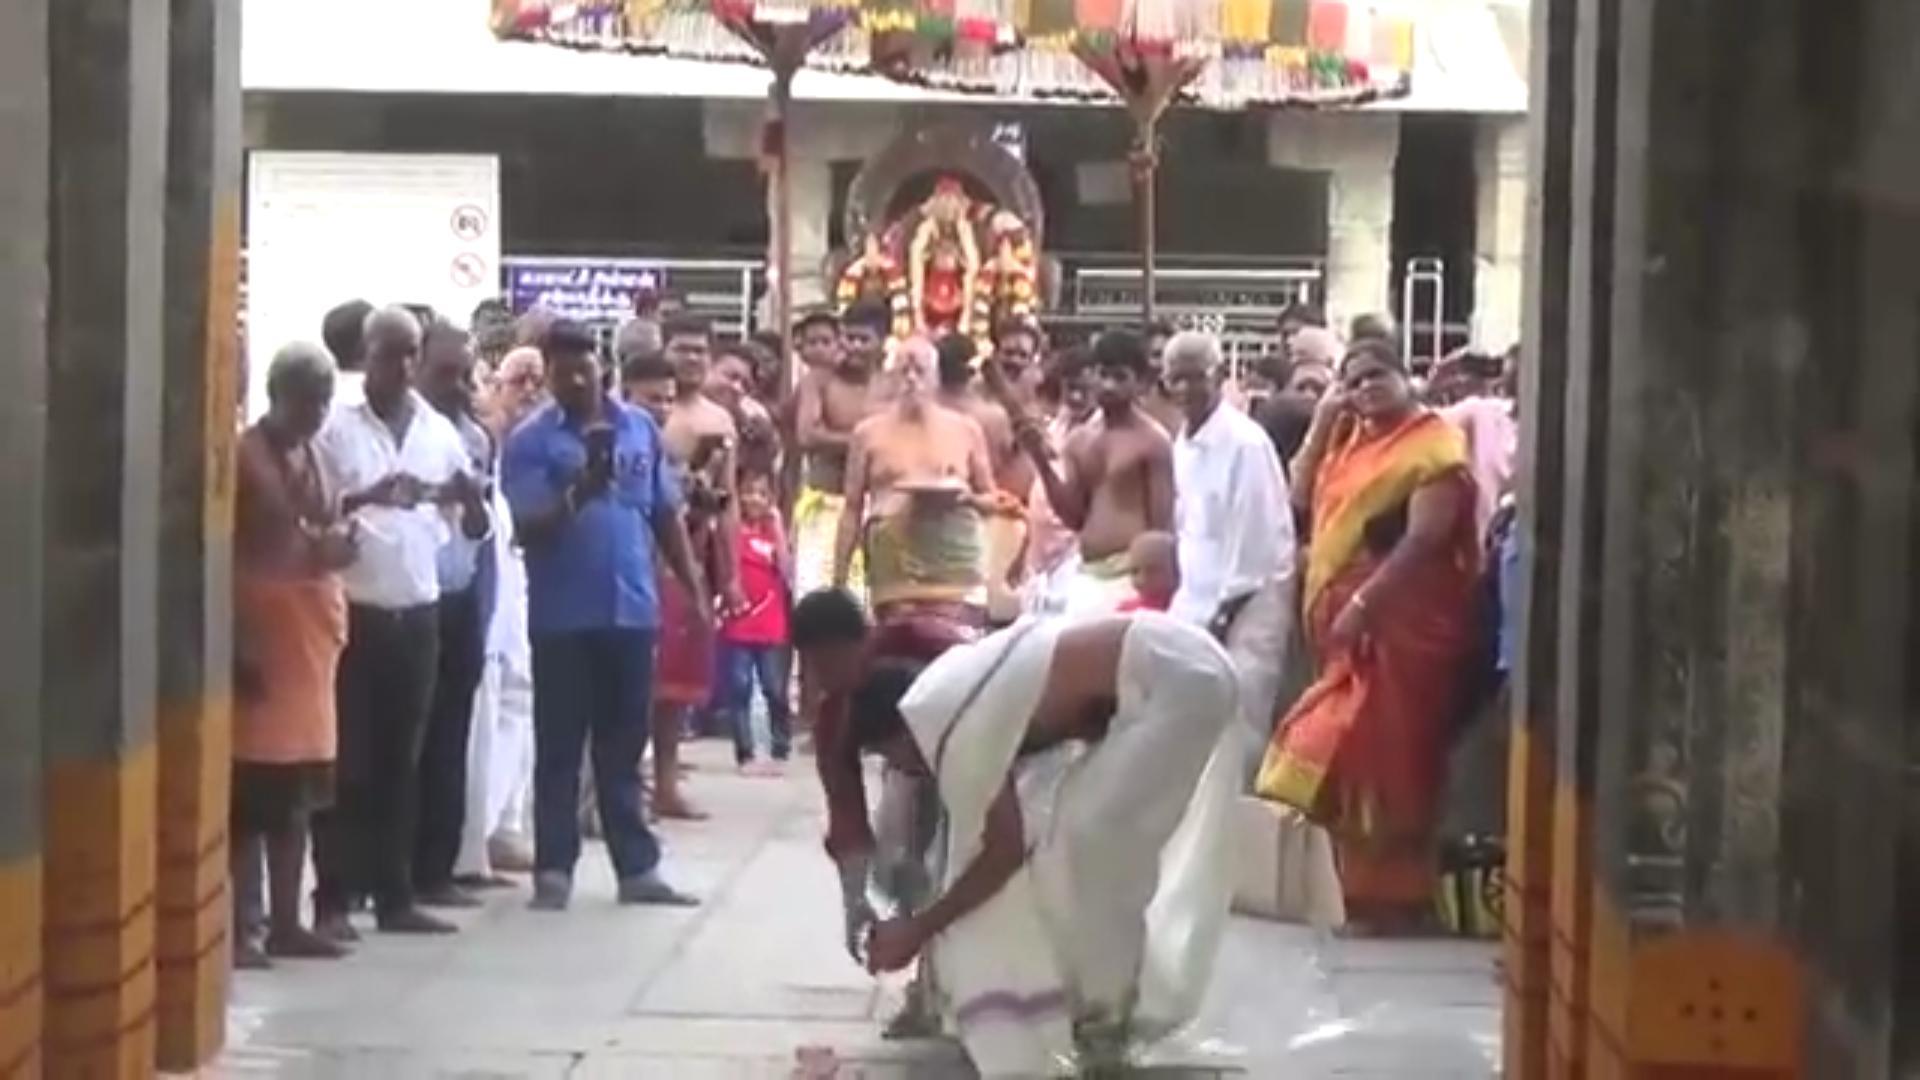 காஞ்சிபுரம் காமாட்சி அம்மன் கோயில் பட்டாசு வெடிப்பு